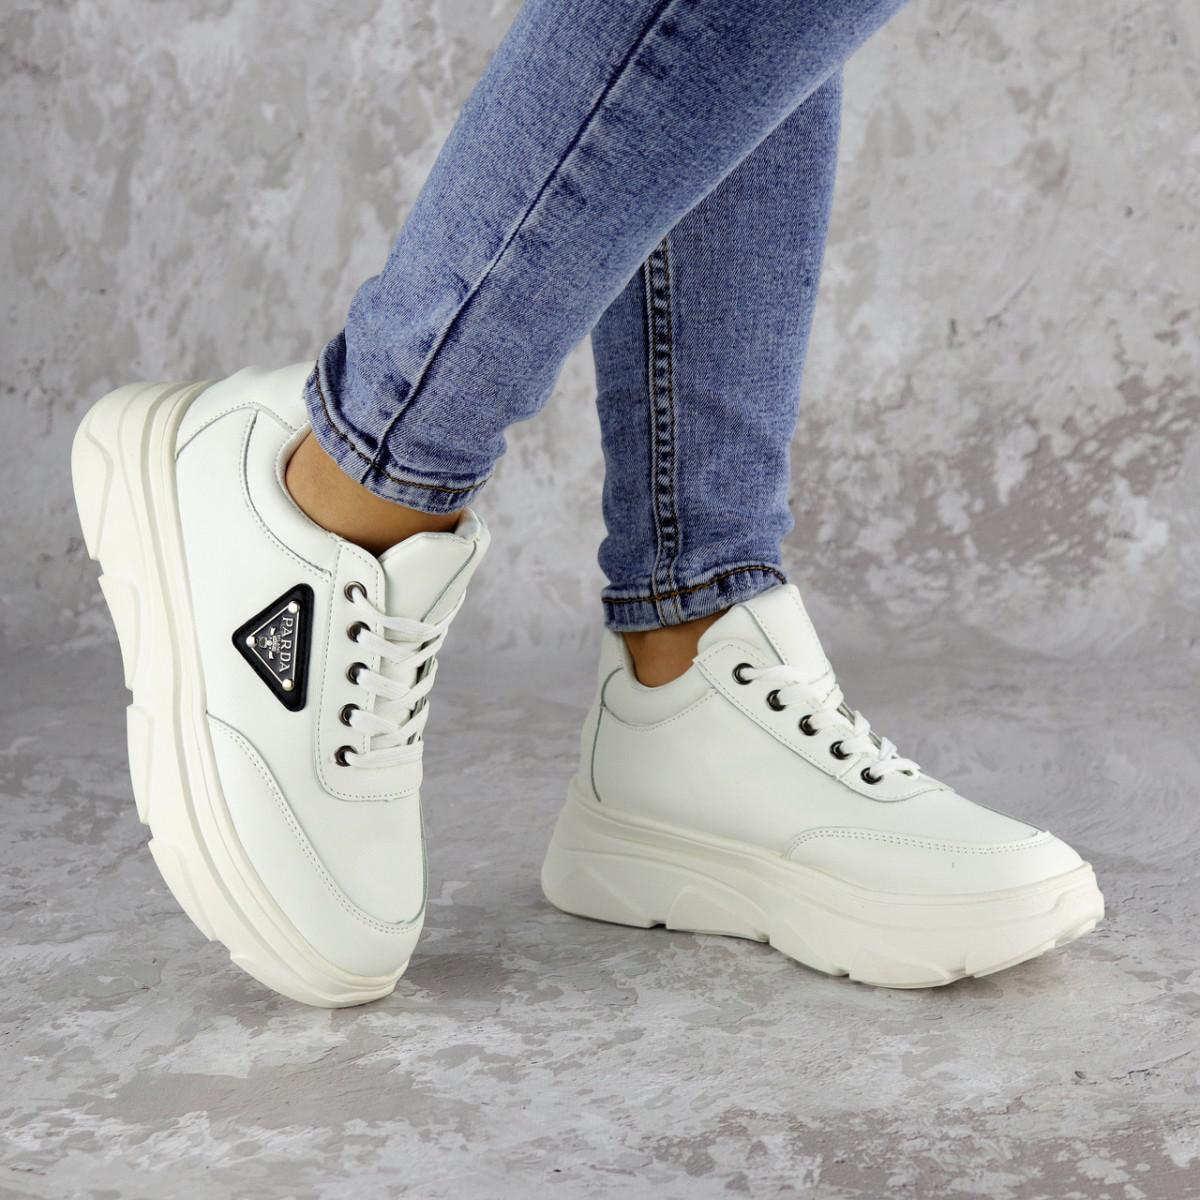 Кроссовки женские белые Precious 2136 (36 размер)